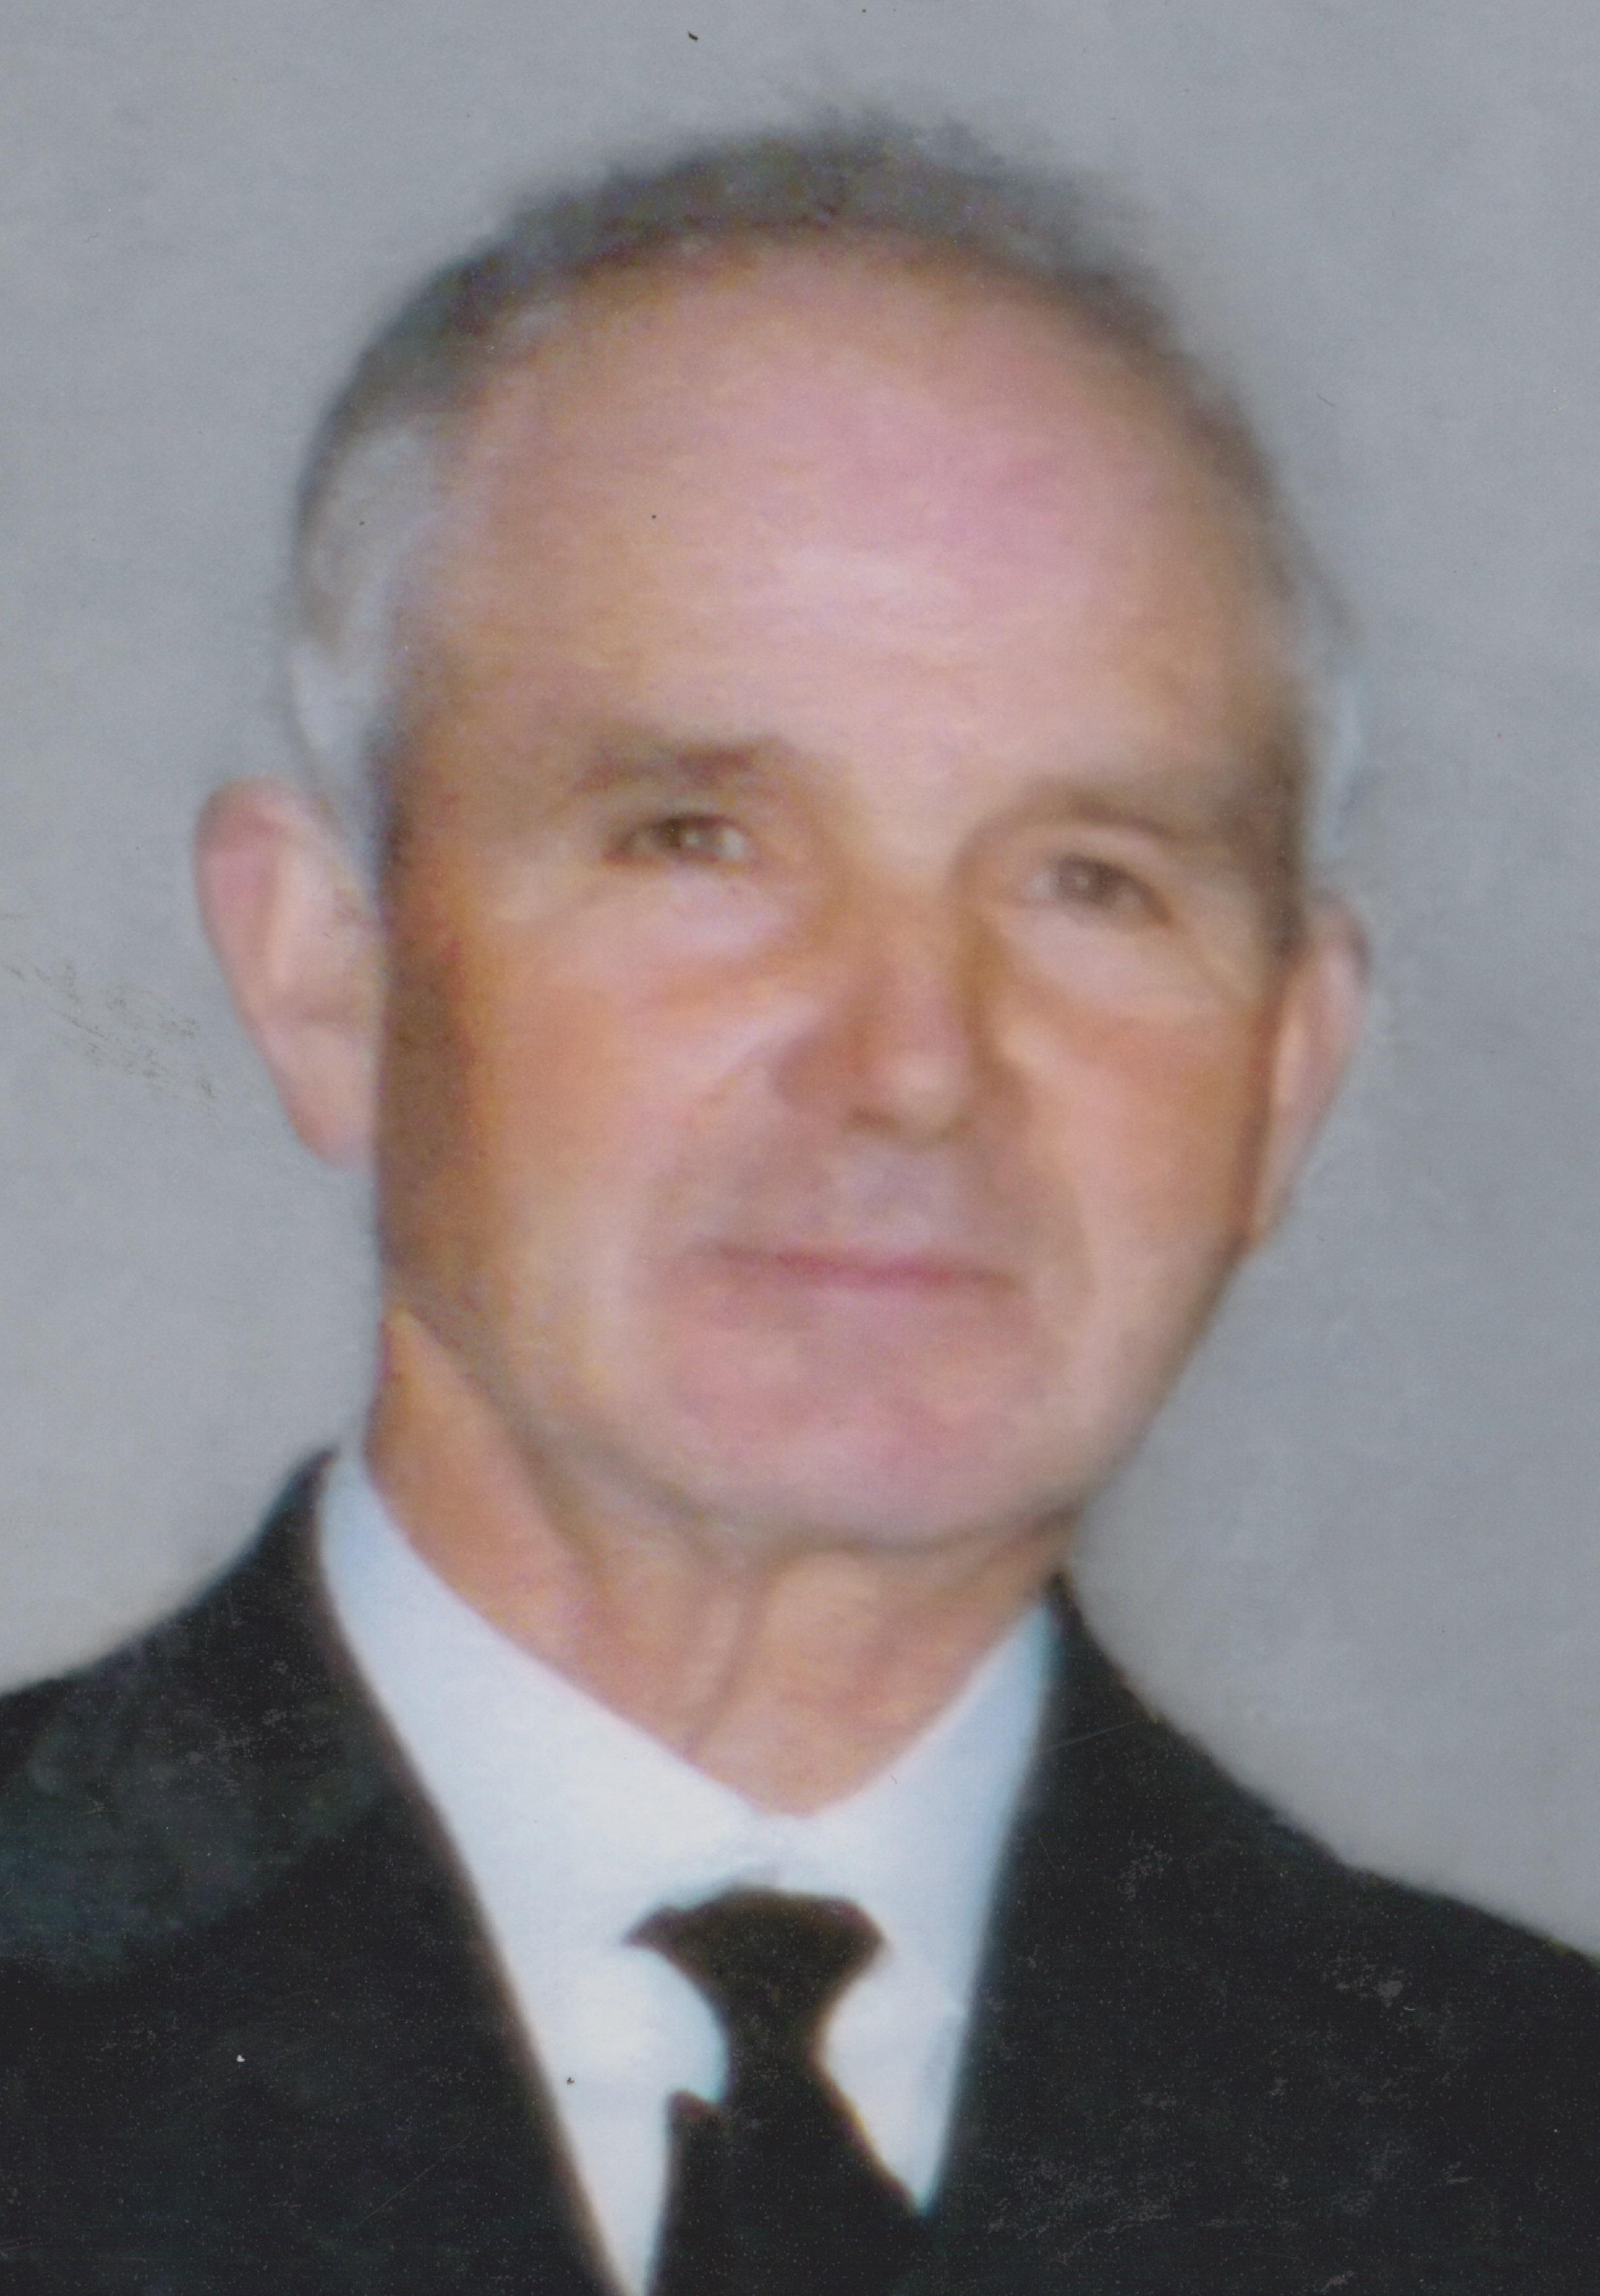 Diogo Gonçalves Clemente